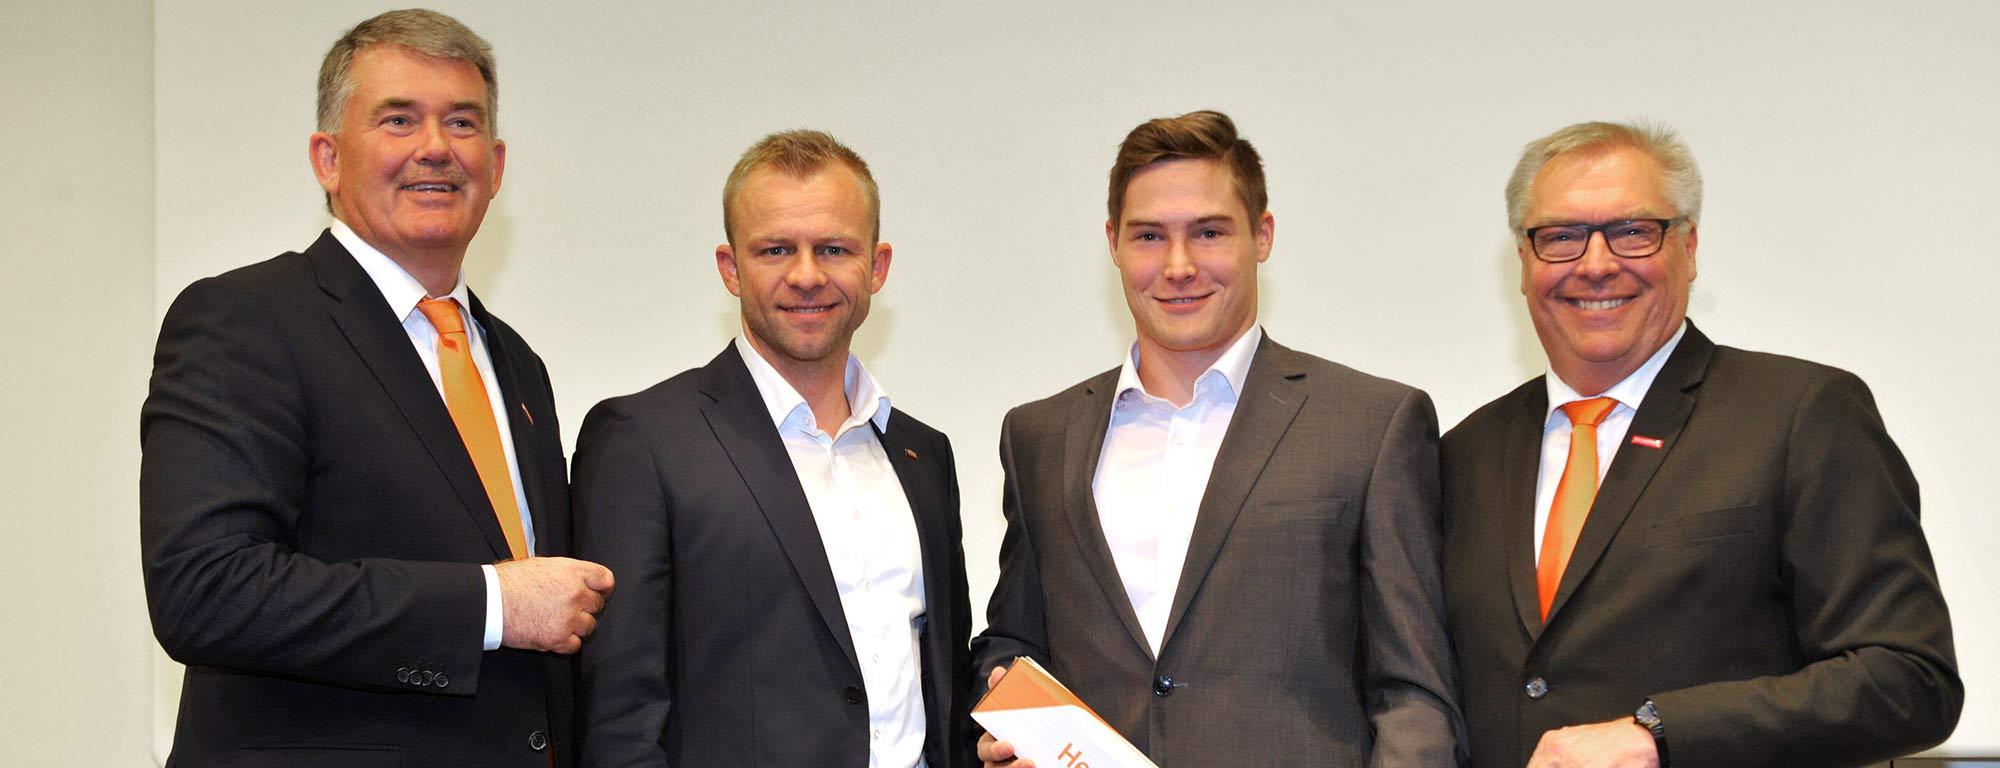 Philipp Schmid vom Bauunternehmen bendl ist Kammersieger Schwaben als Beton- und Stahlbetonbauer